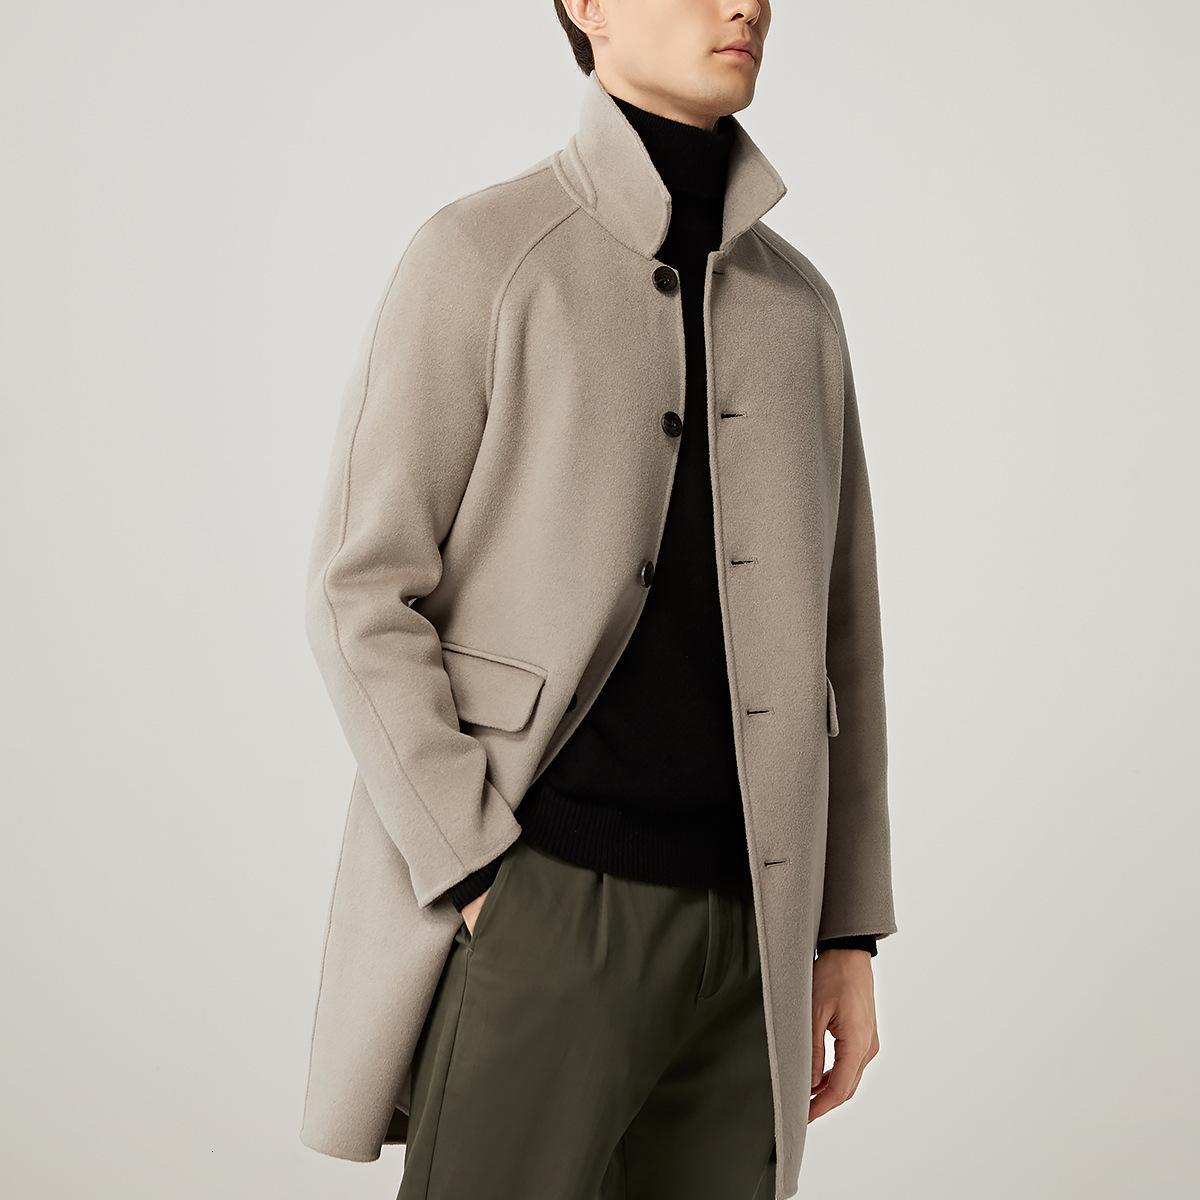 Шерстяная середина длинного дюссилаго новое красивое мужское пальто досуг британский стиль 8300